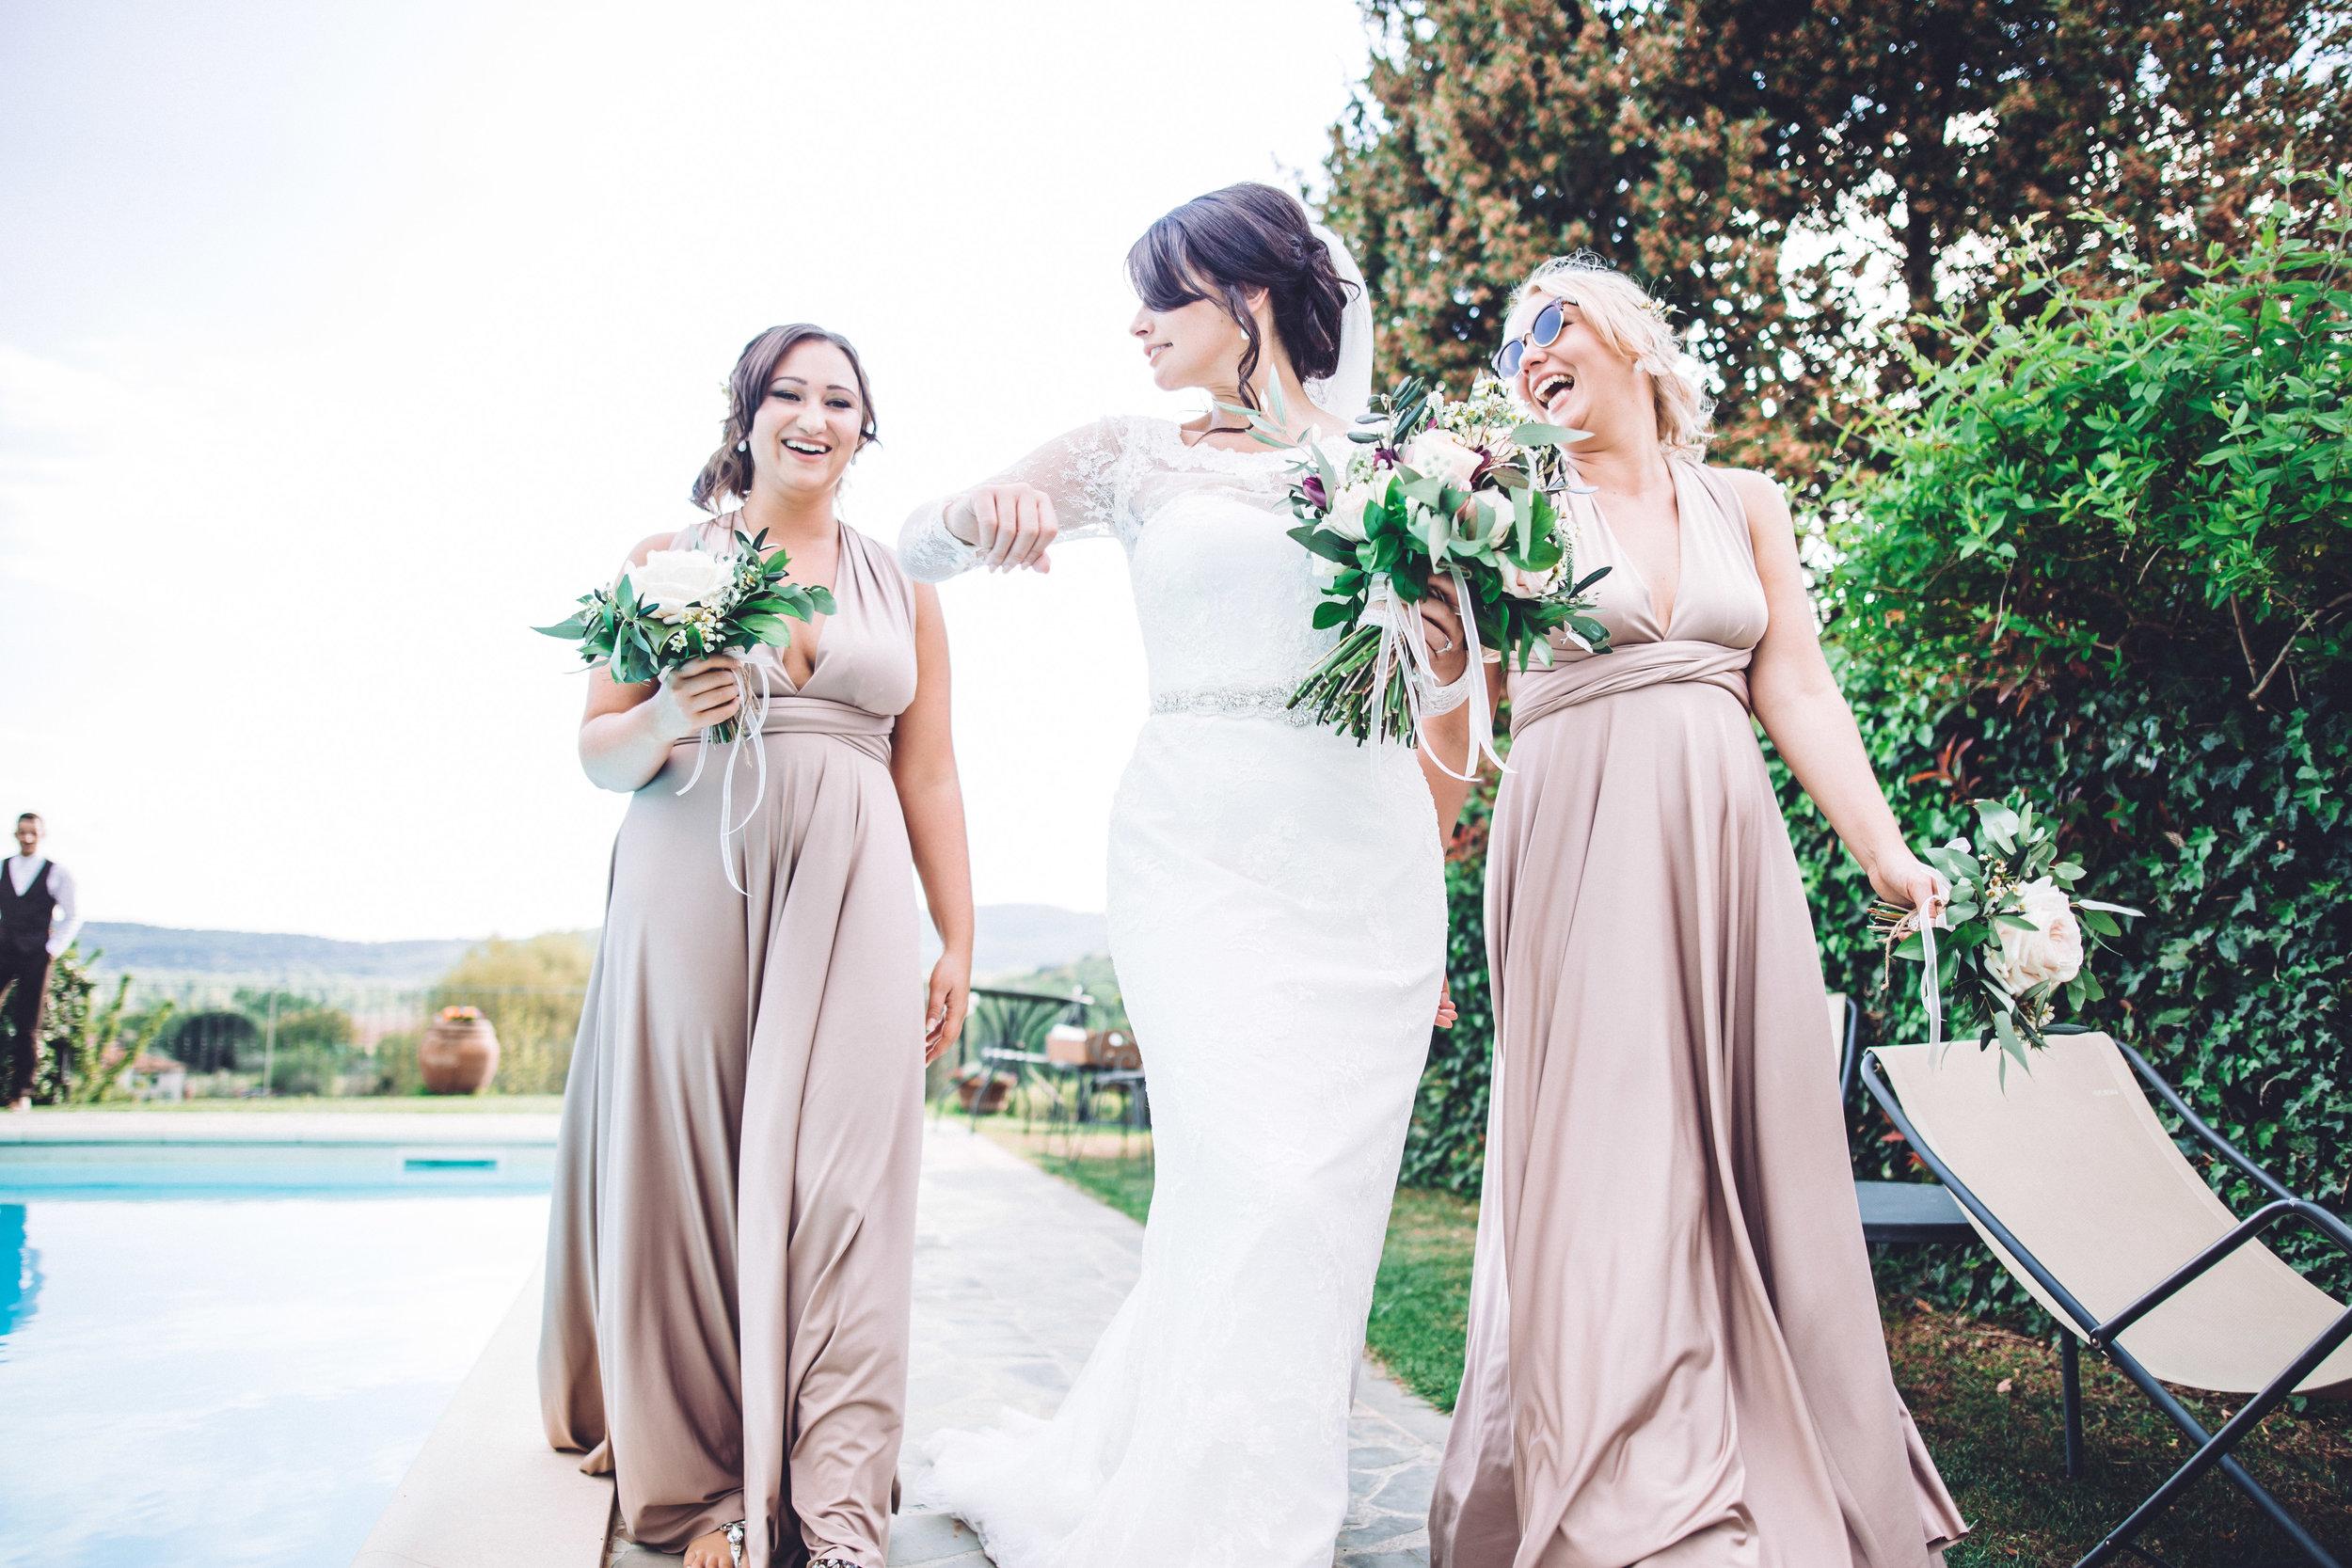 The girls at Villa Baroncino